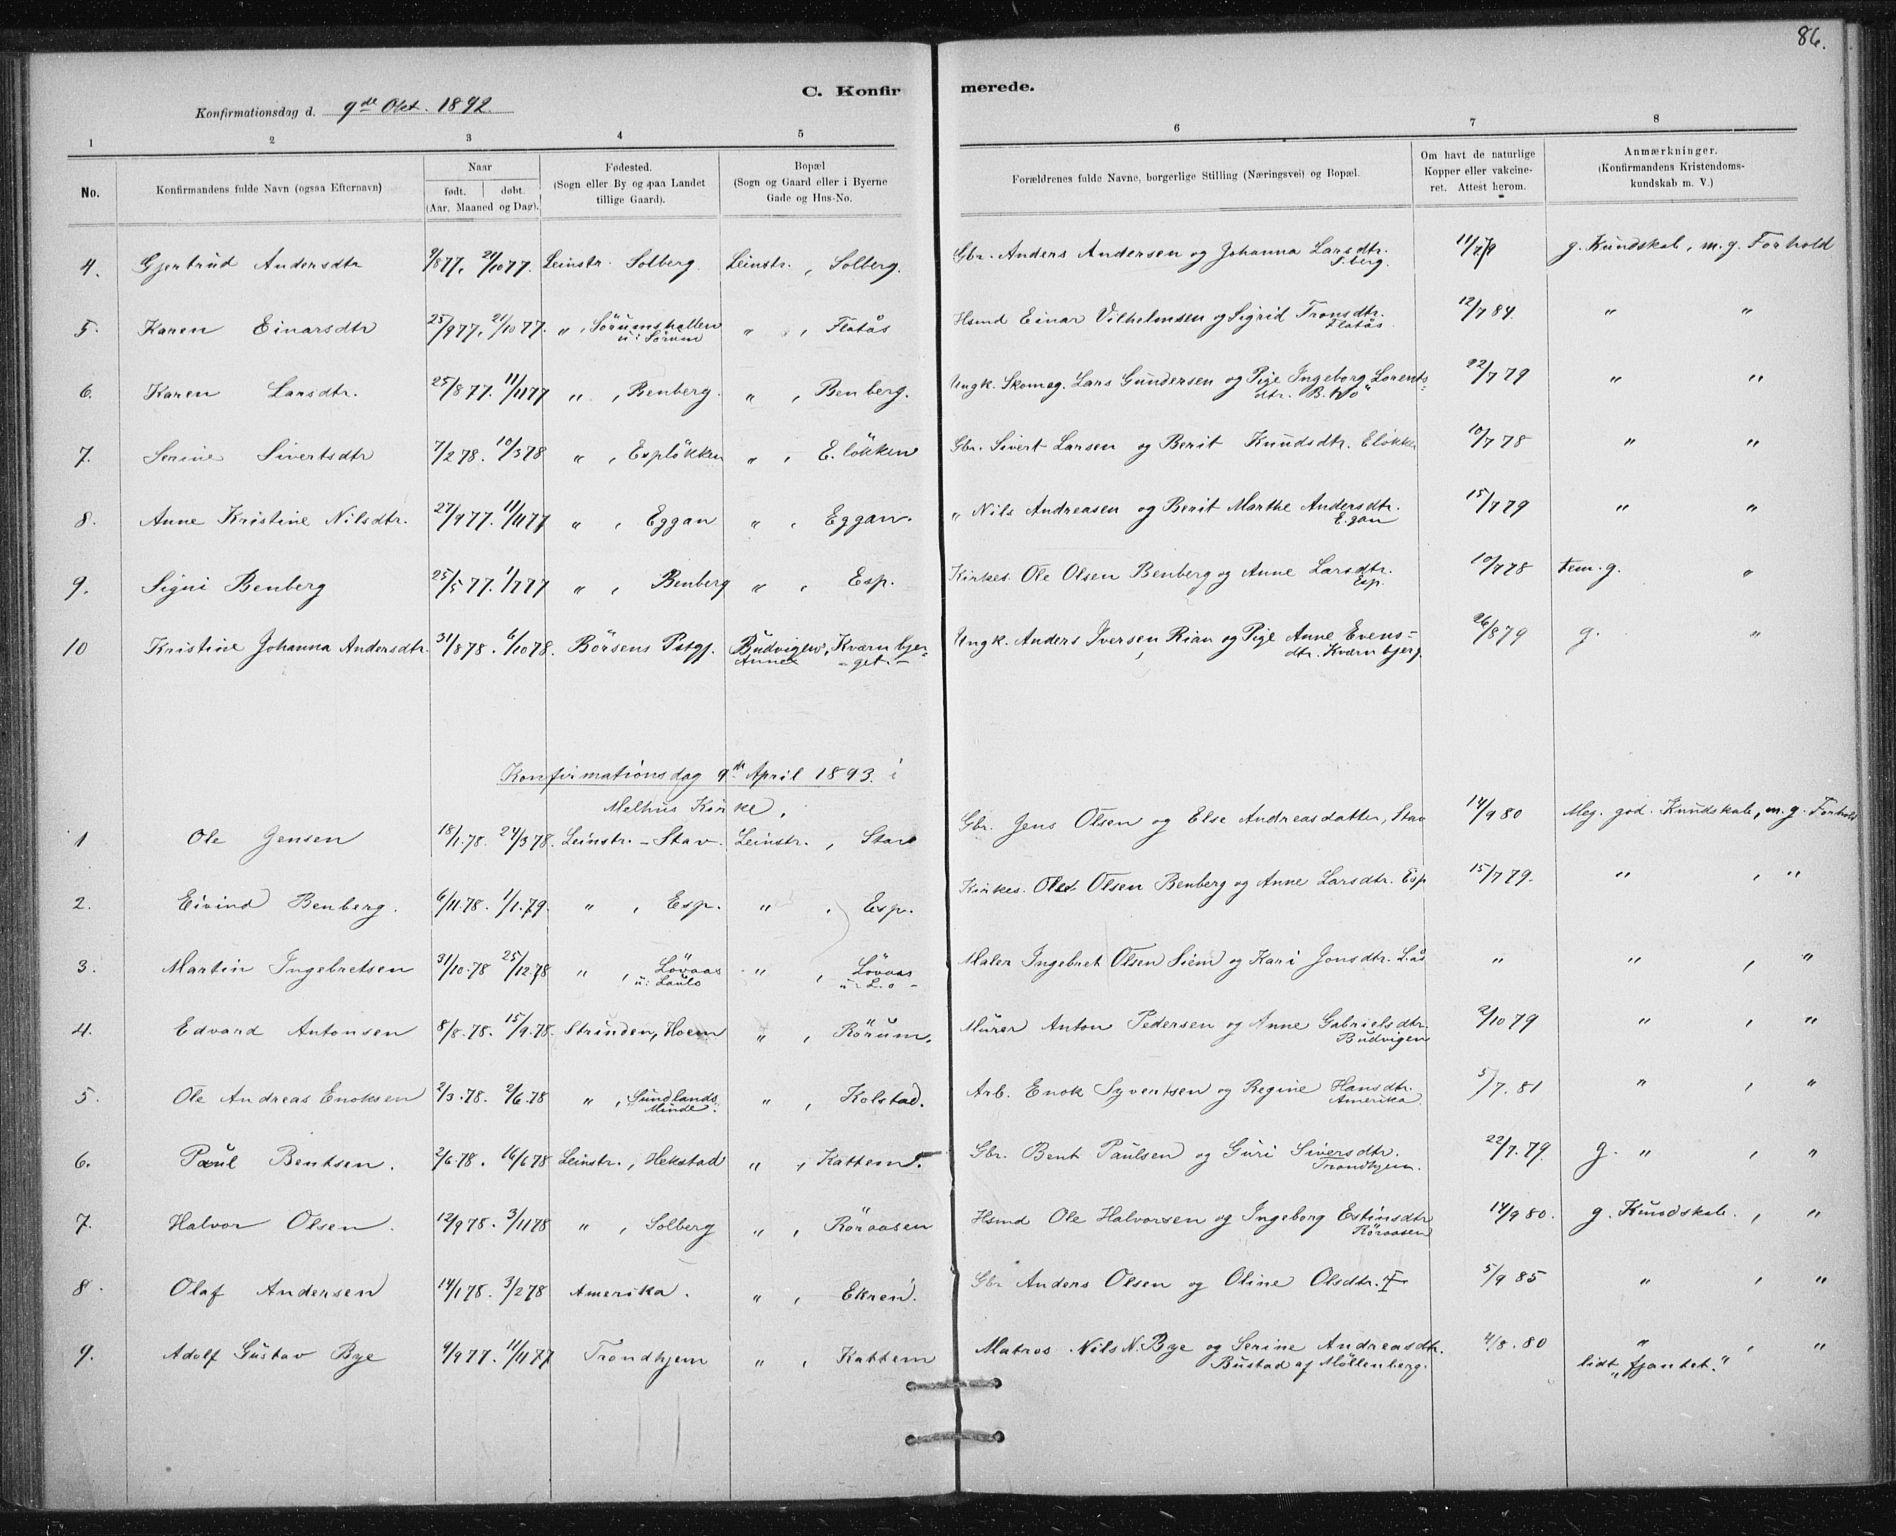 SAT, Ministerialprotokoller, klokkerbøker og fødselsregistre - Sør-Trøndelag, 613/L0392: Ministerialbok nr. 613A01, 1887-1906, s. 86